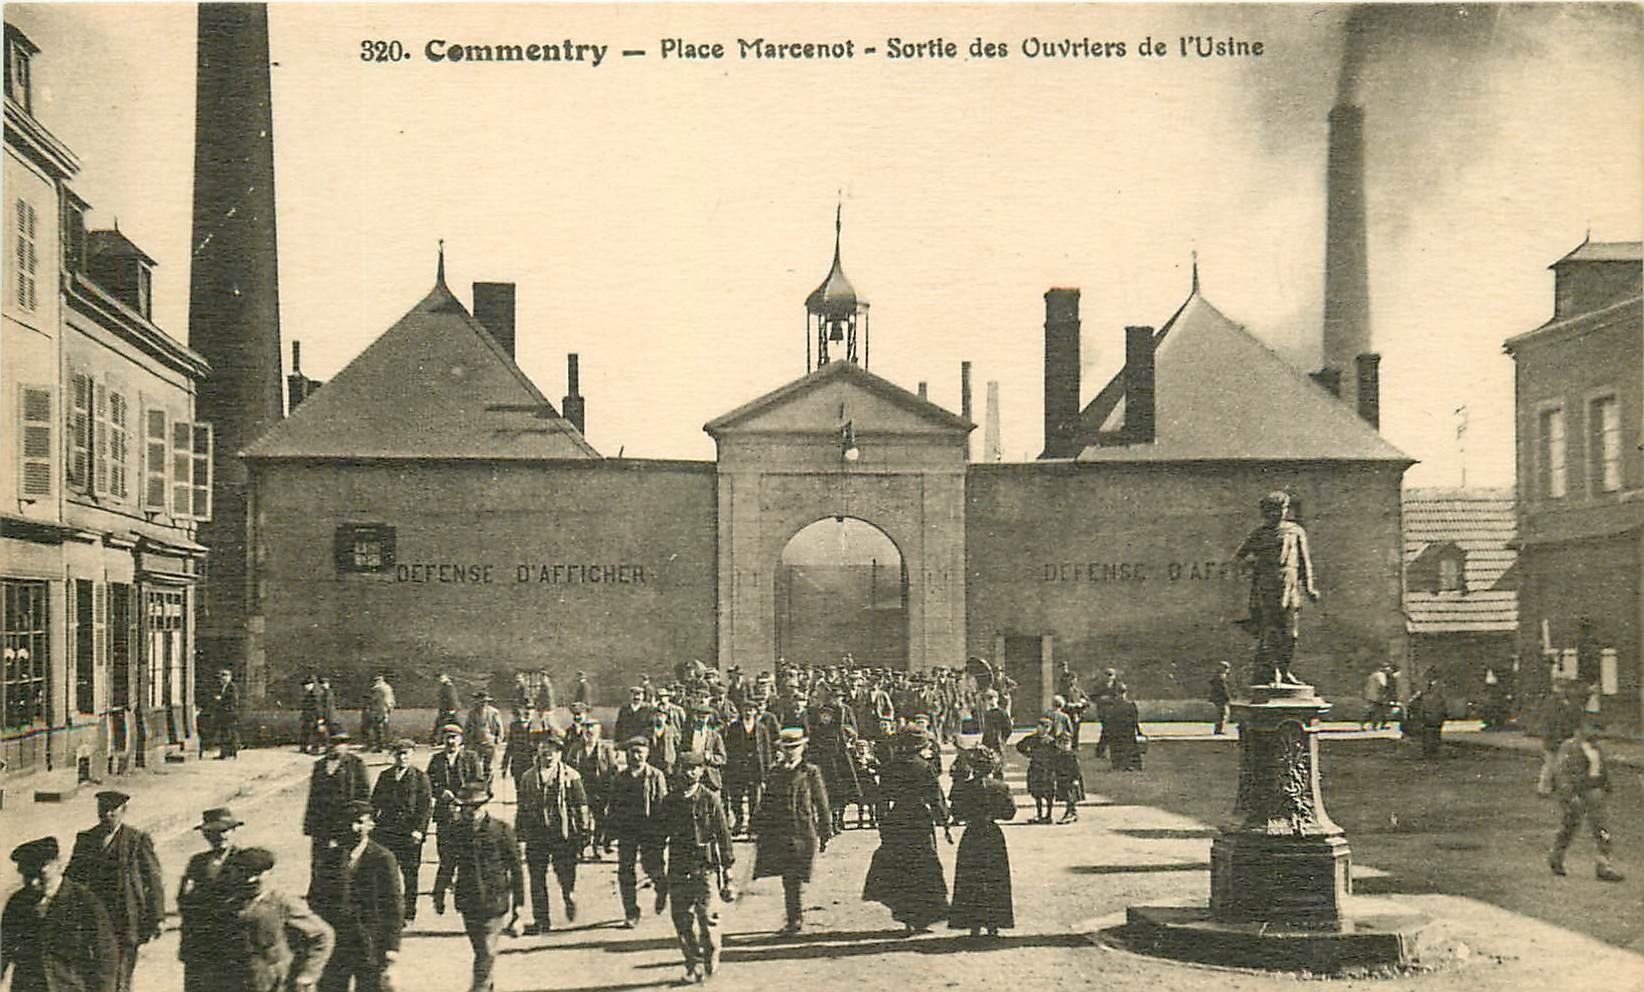 03 COMMENTRY. Sortie Ouvriers de l'Usine Place Marcenot